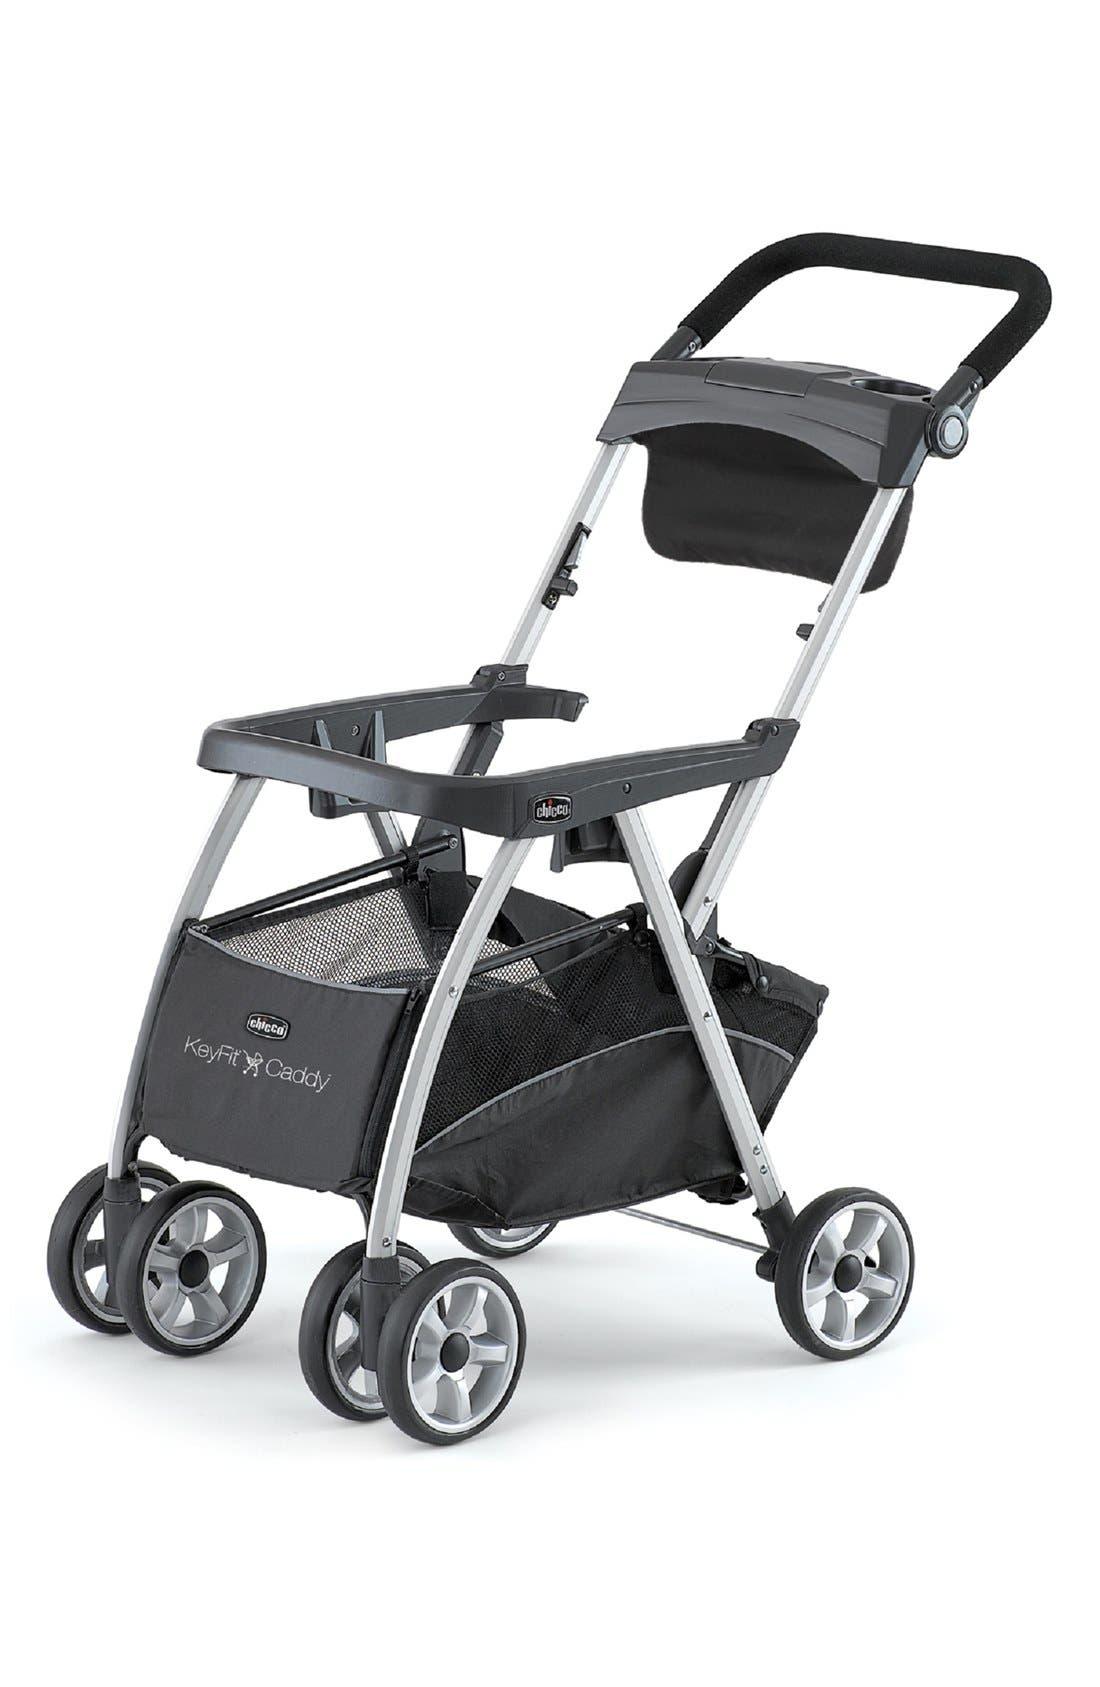 Chicco 'KeyFit® Caddy™' Stroller